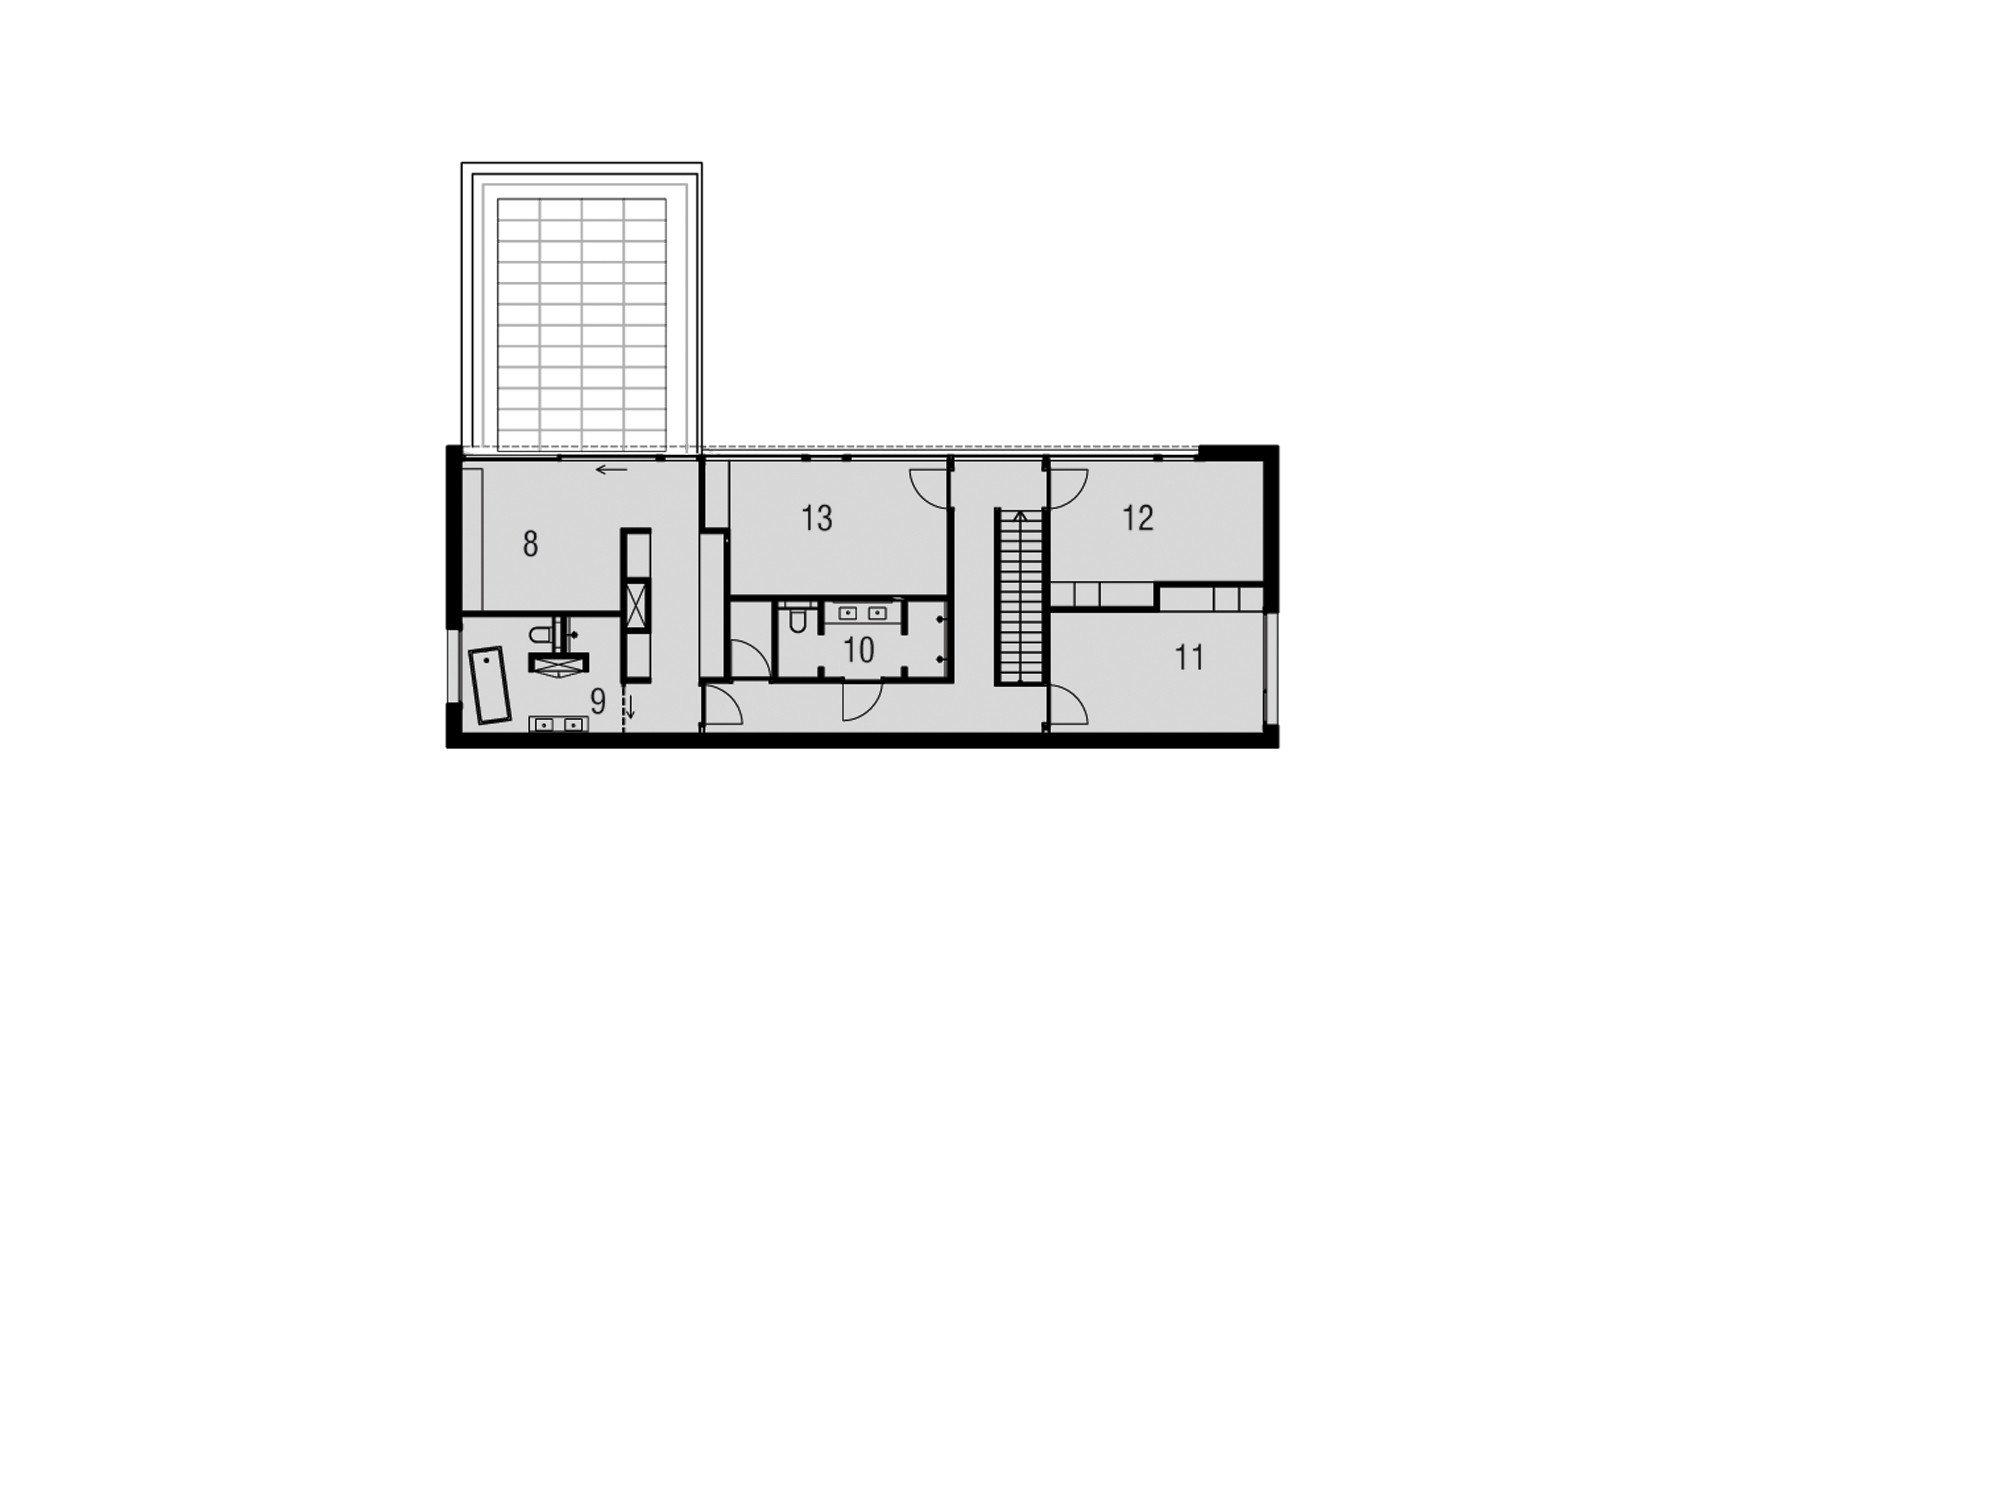 einfamilienhaus shi bui in venlo mauerwerk wohnen efh baunetz wissen. Black Bedroom Furniture Sets. Home Design Ideas